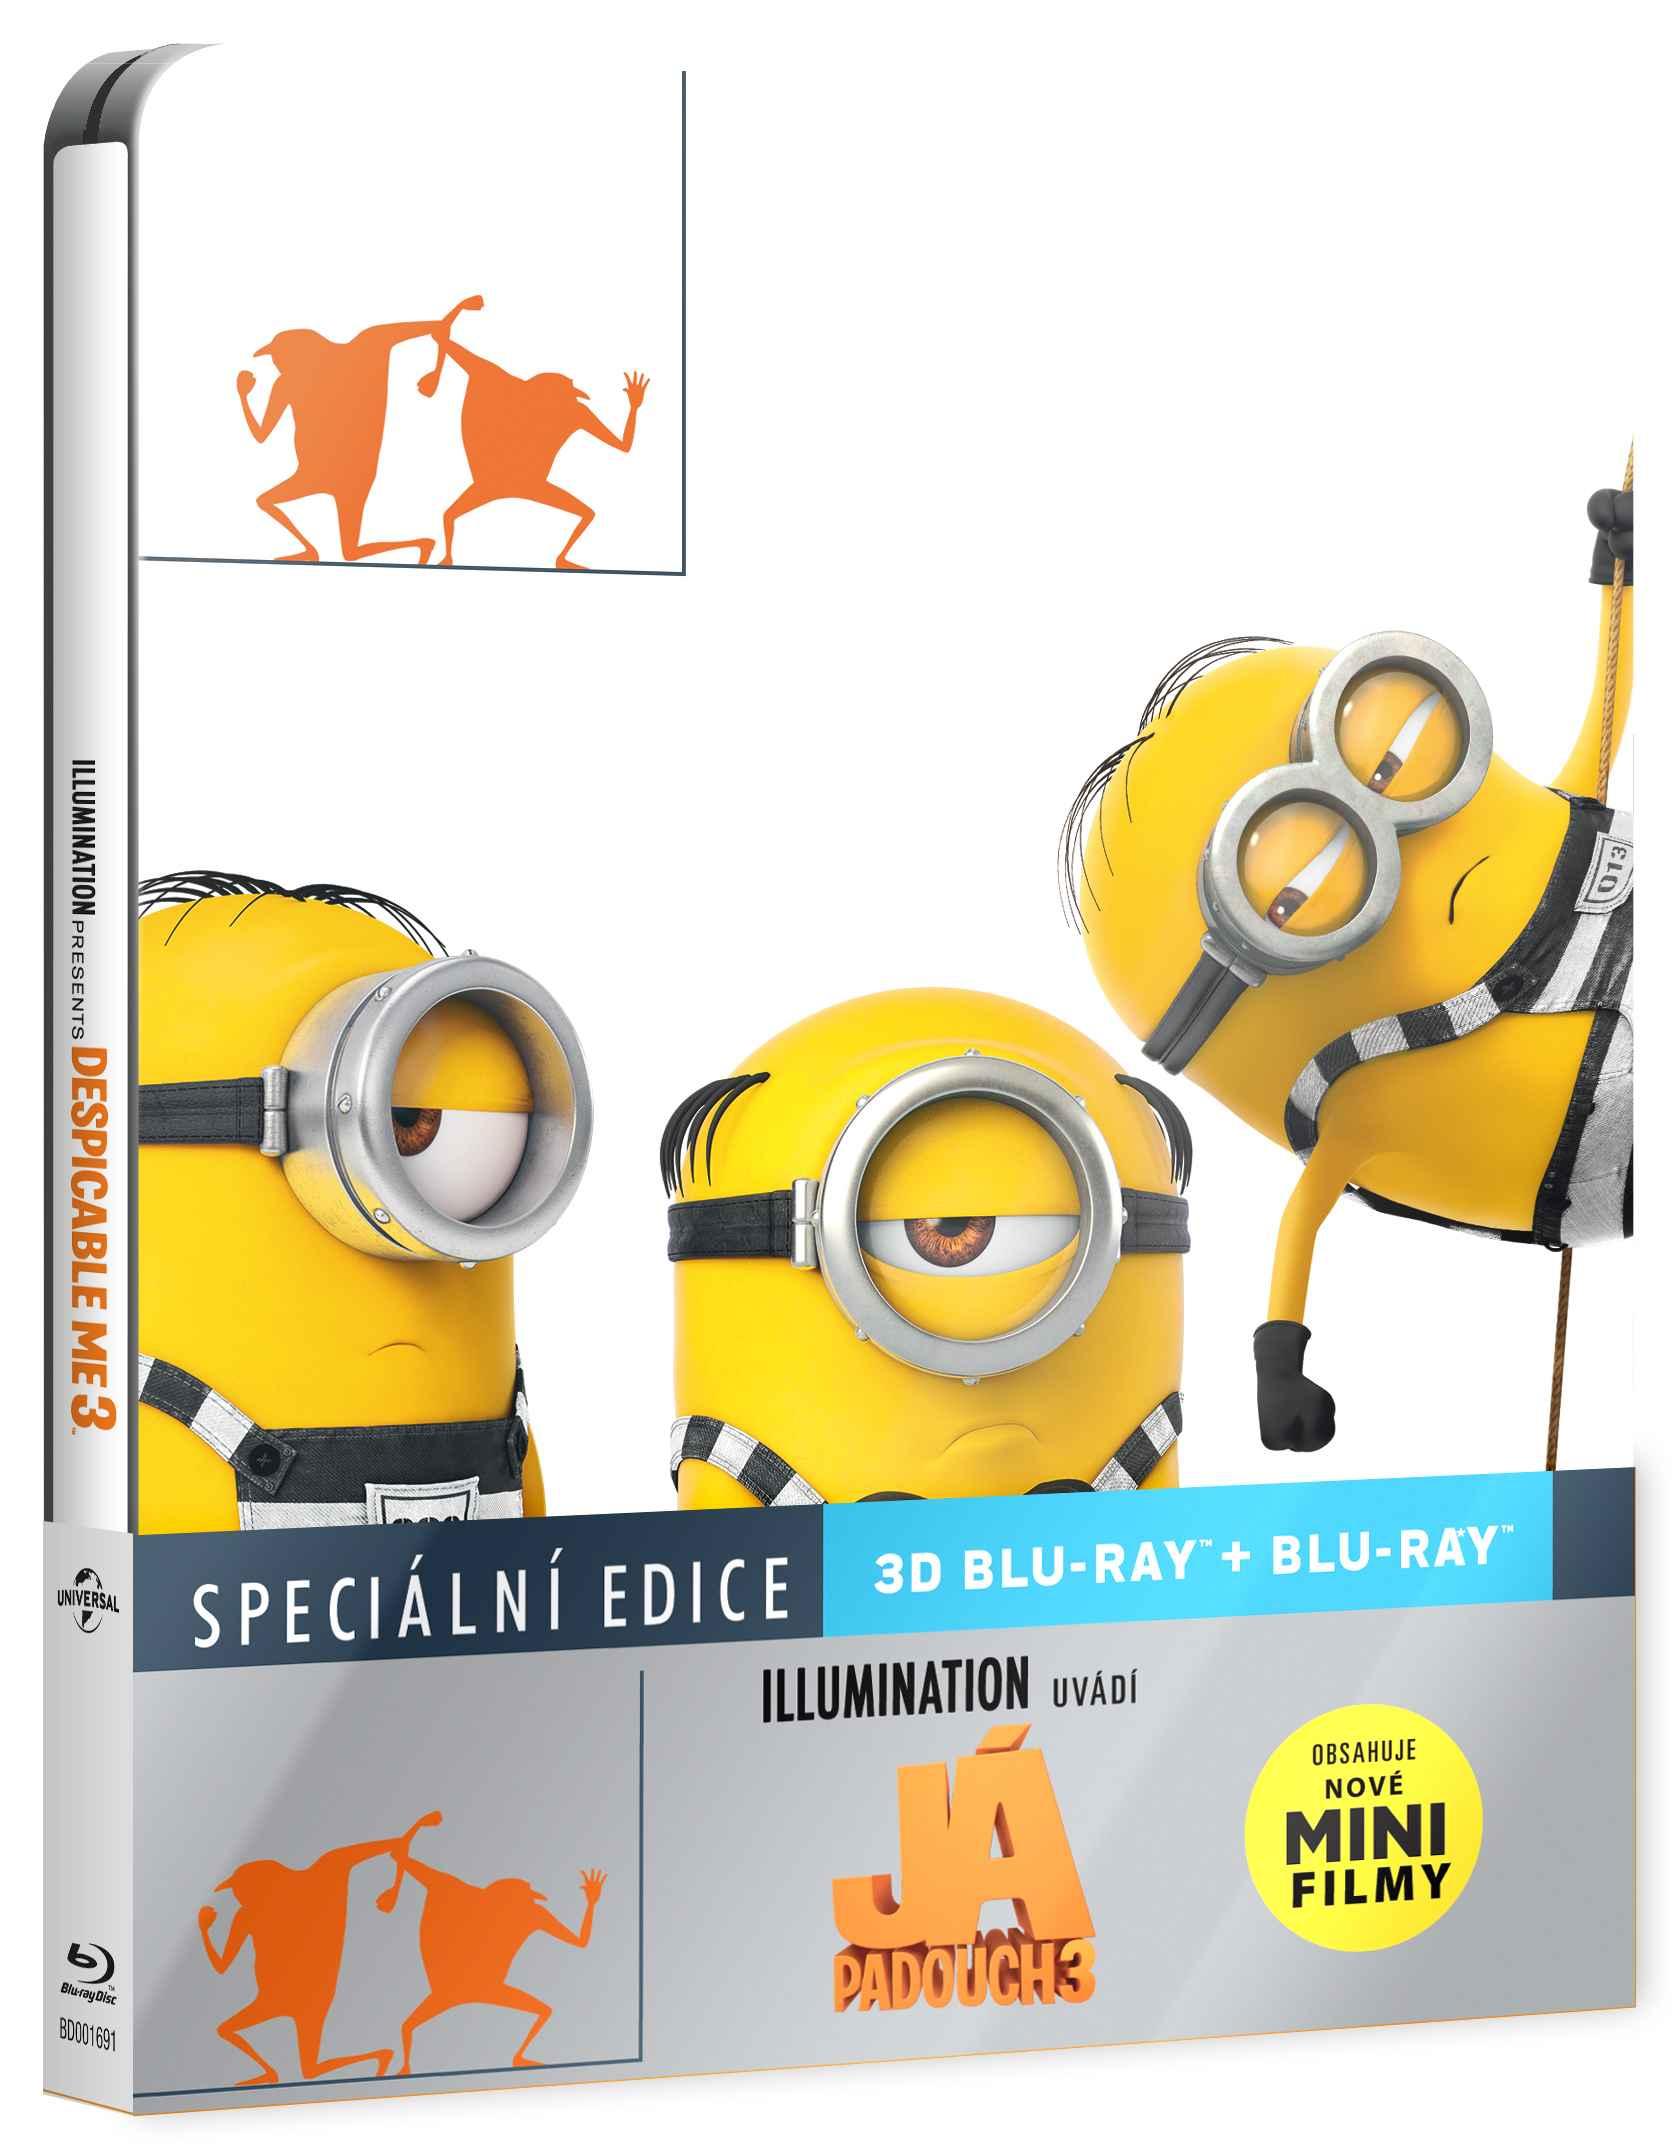 JÁ, PADOUCH 3 - Blu-ray 3D + 2D STEELBOOK (2 BD)